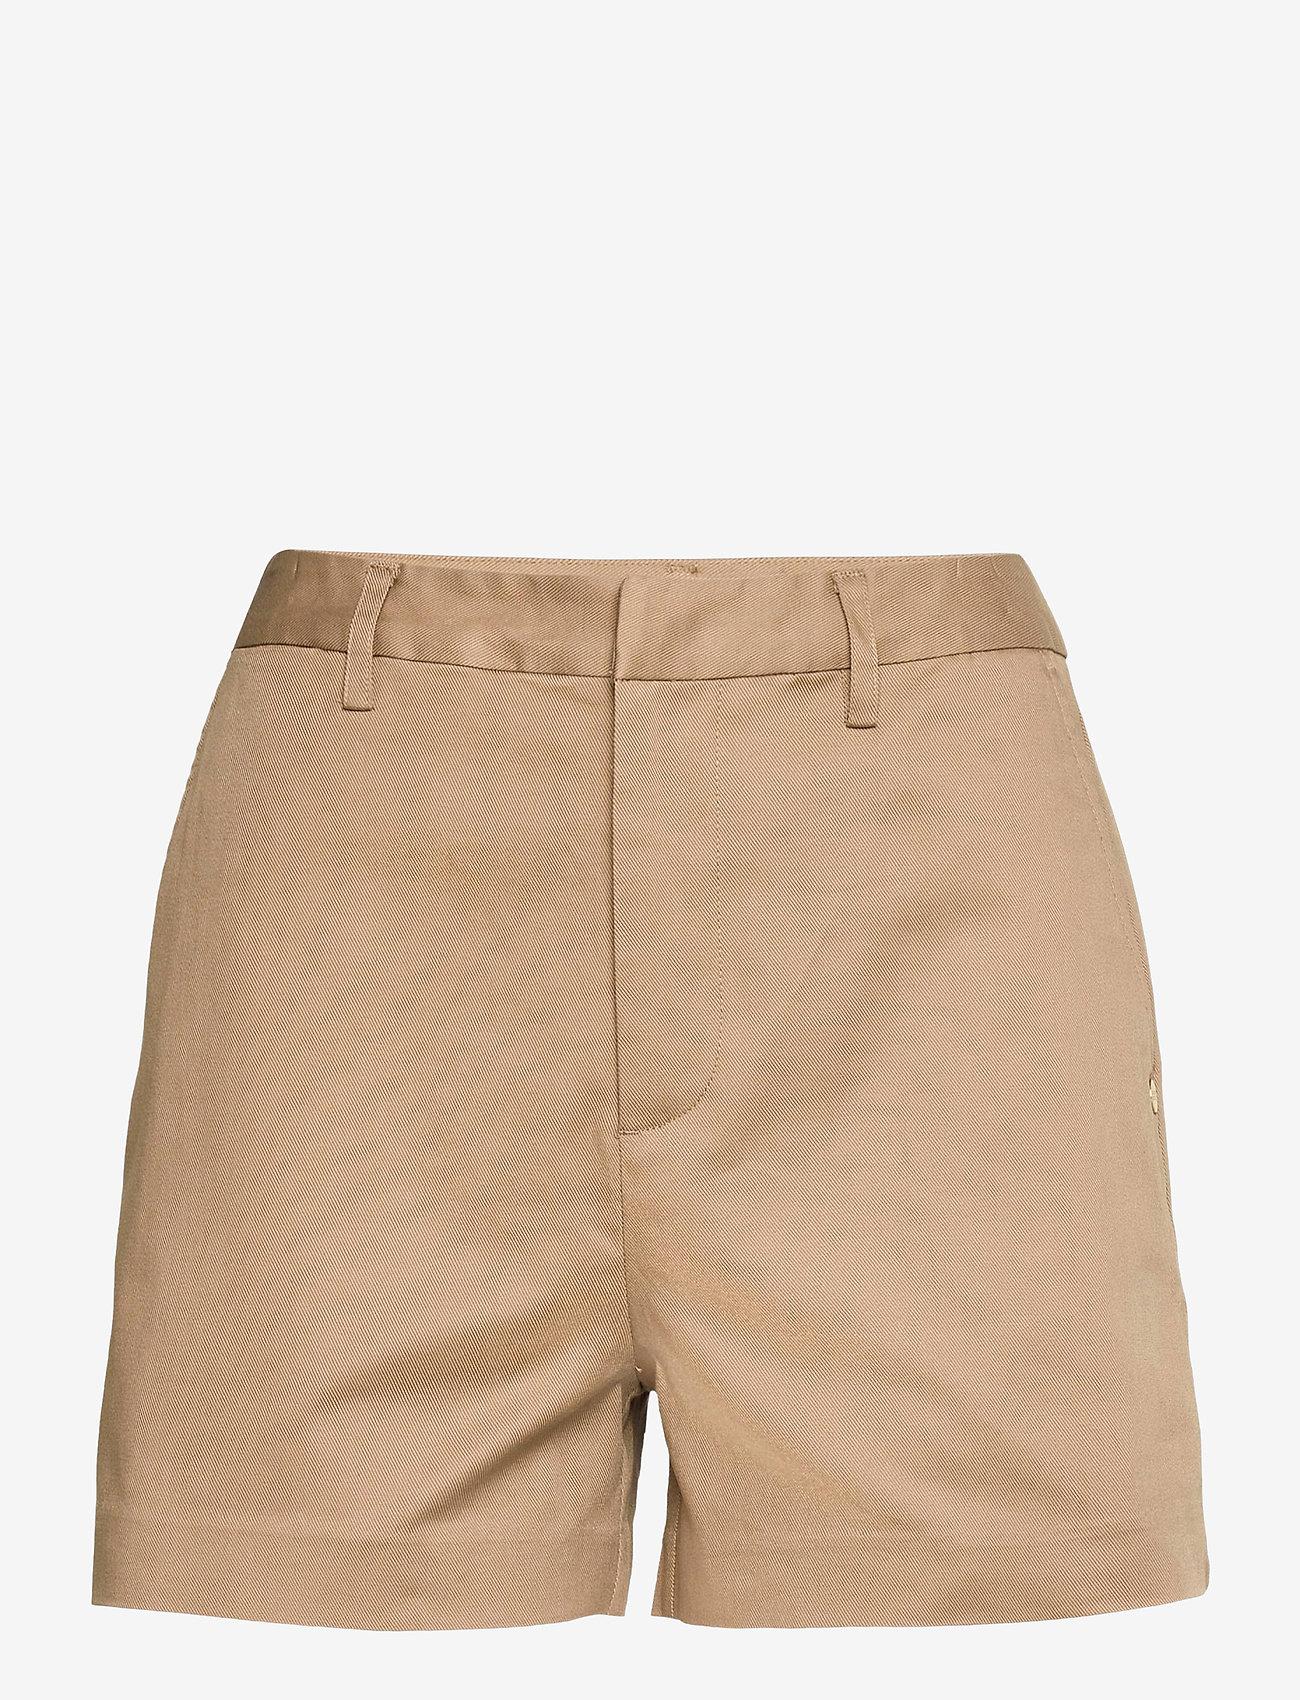 Scotch & Soda - 'Abott' organic cotton chino shorts - chino shorts - sand - 0